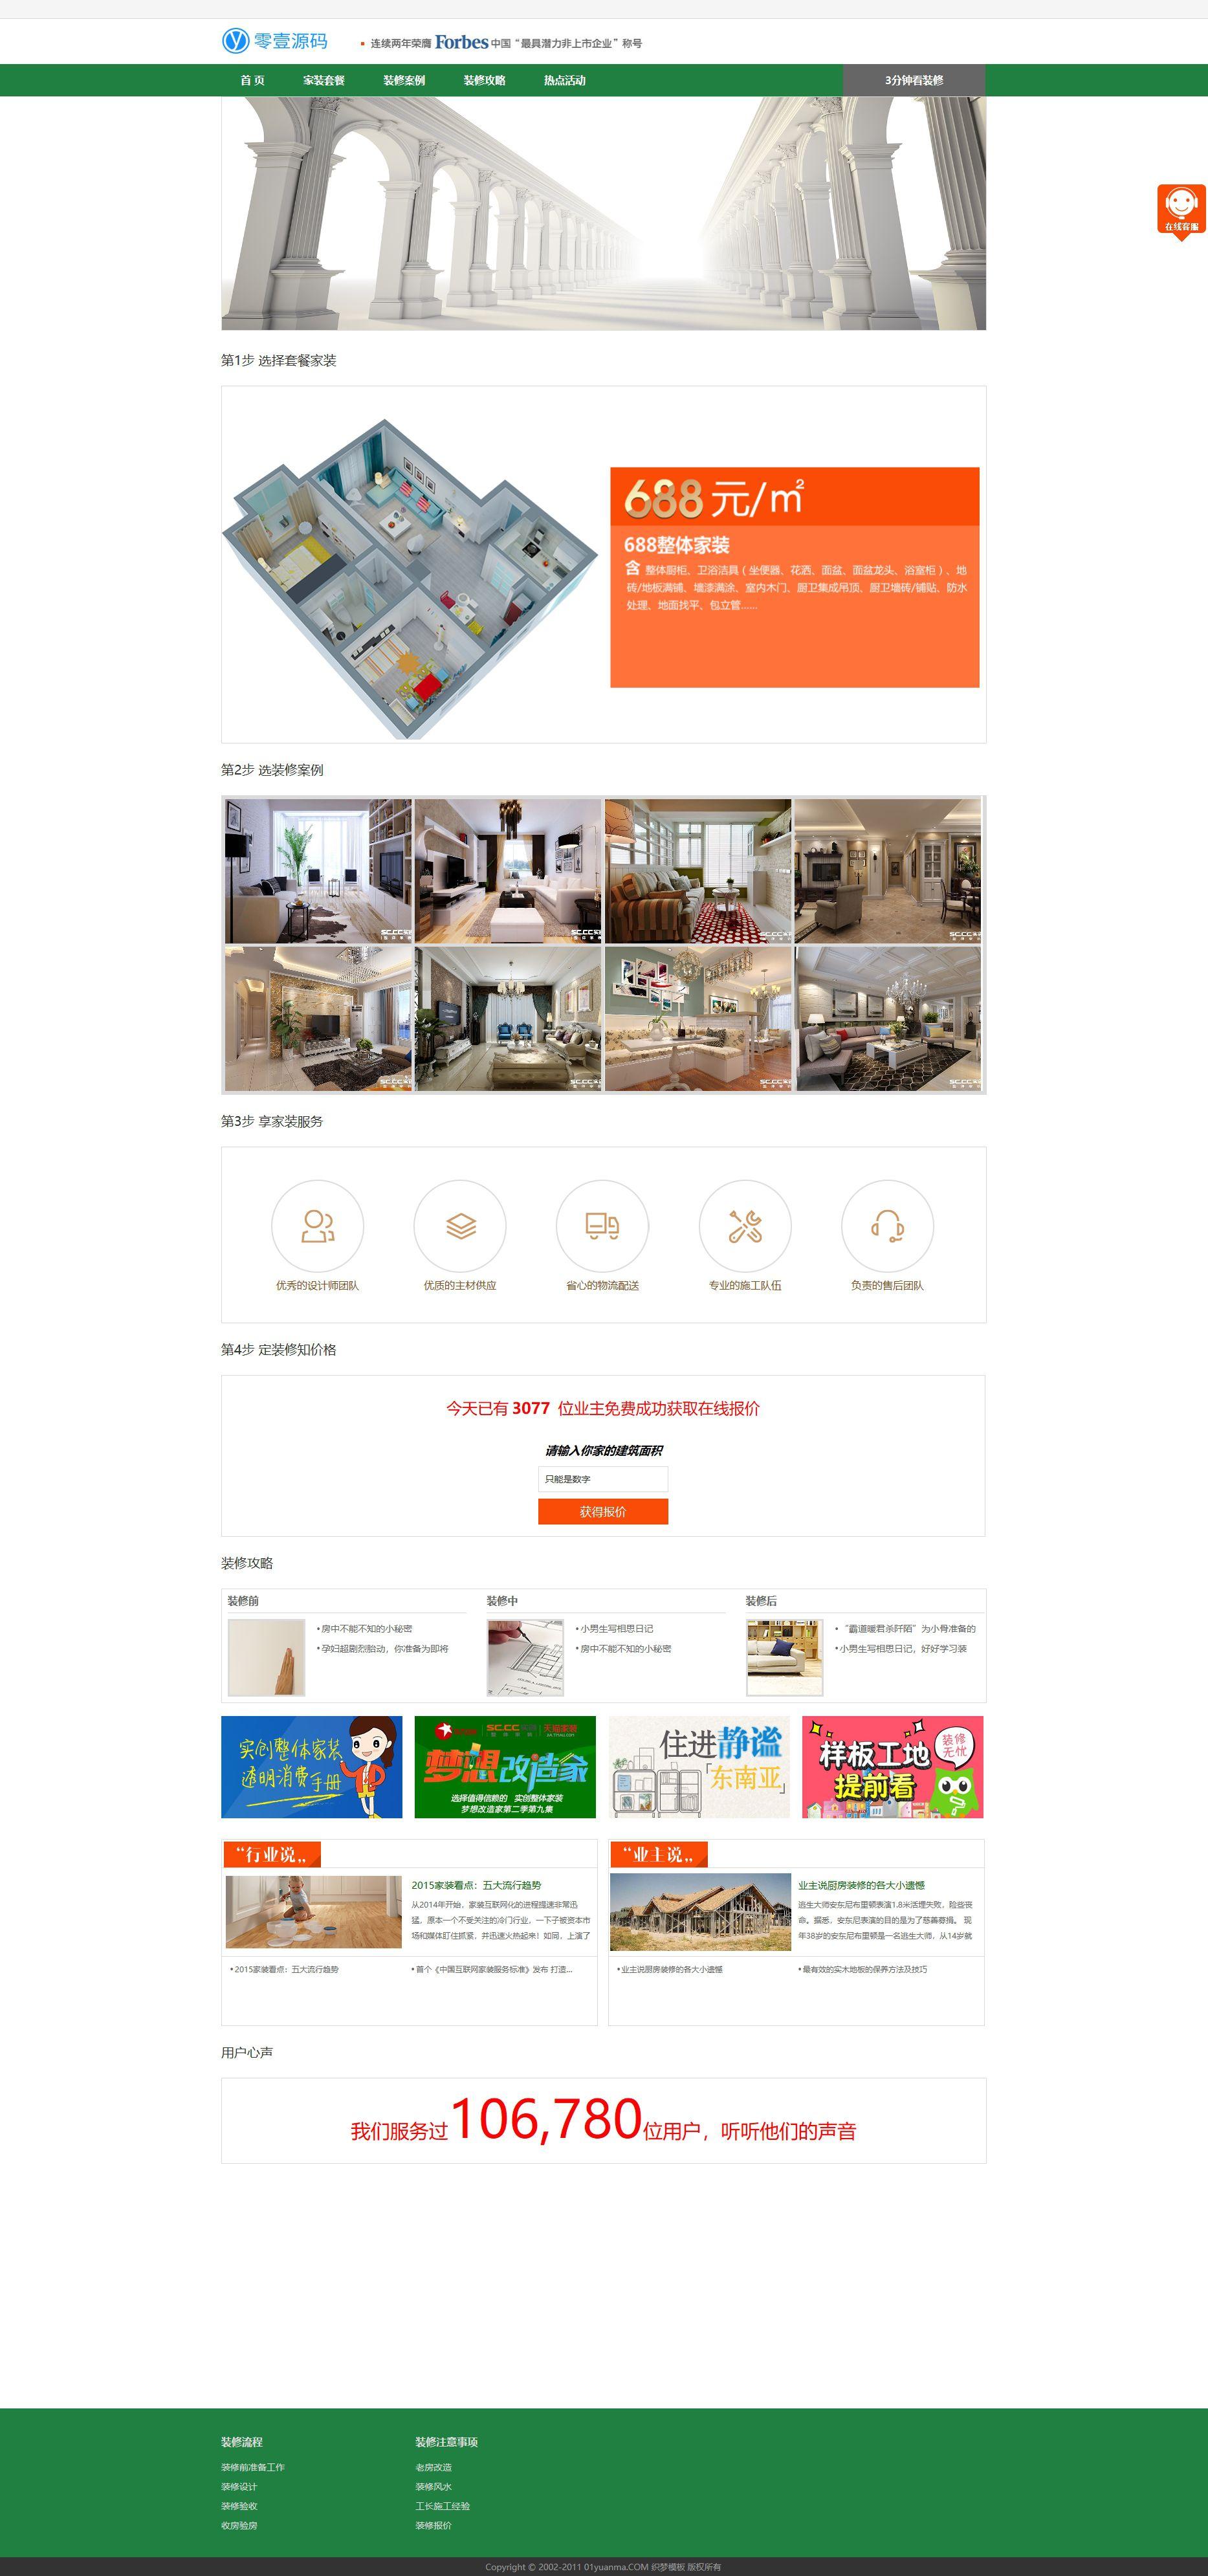 家庭家装装修装饰类企业网站织梦dedecms模板